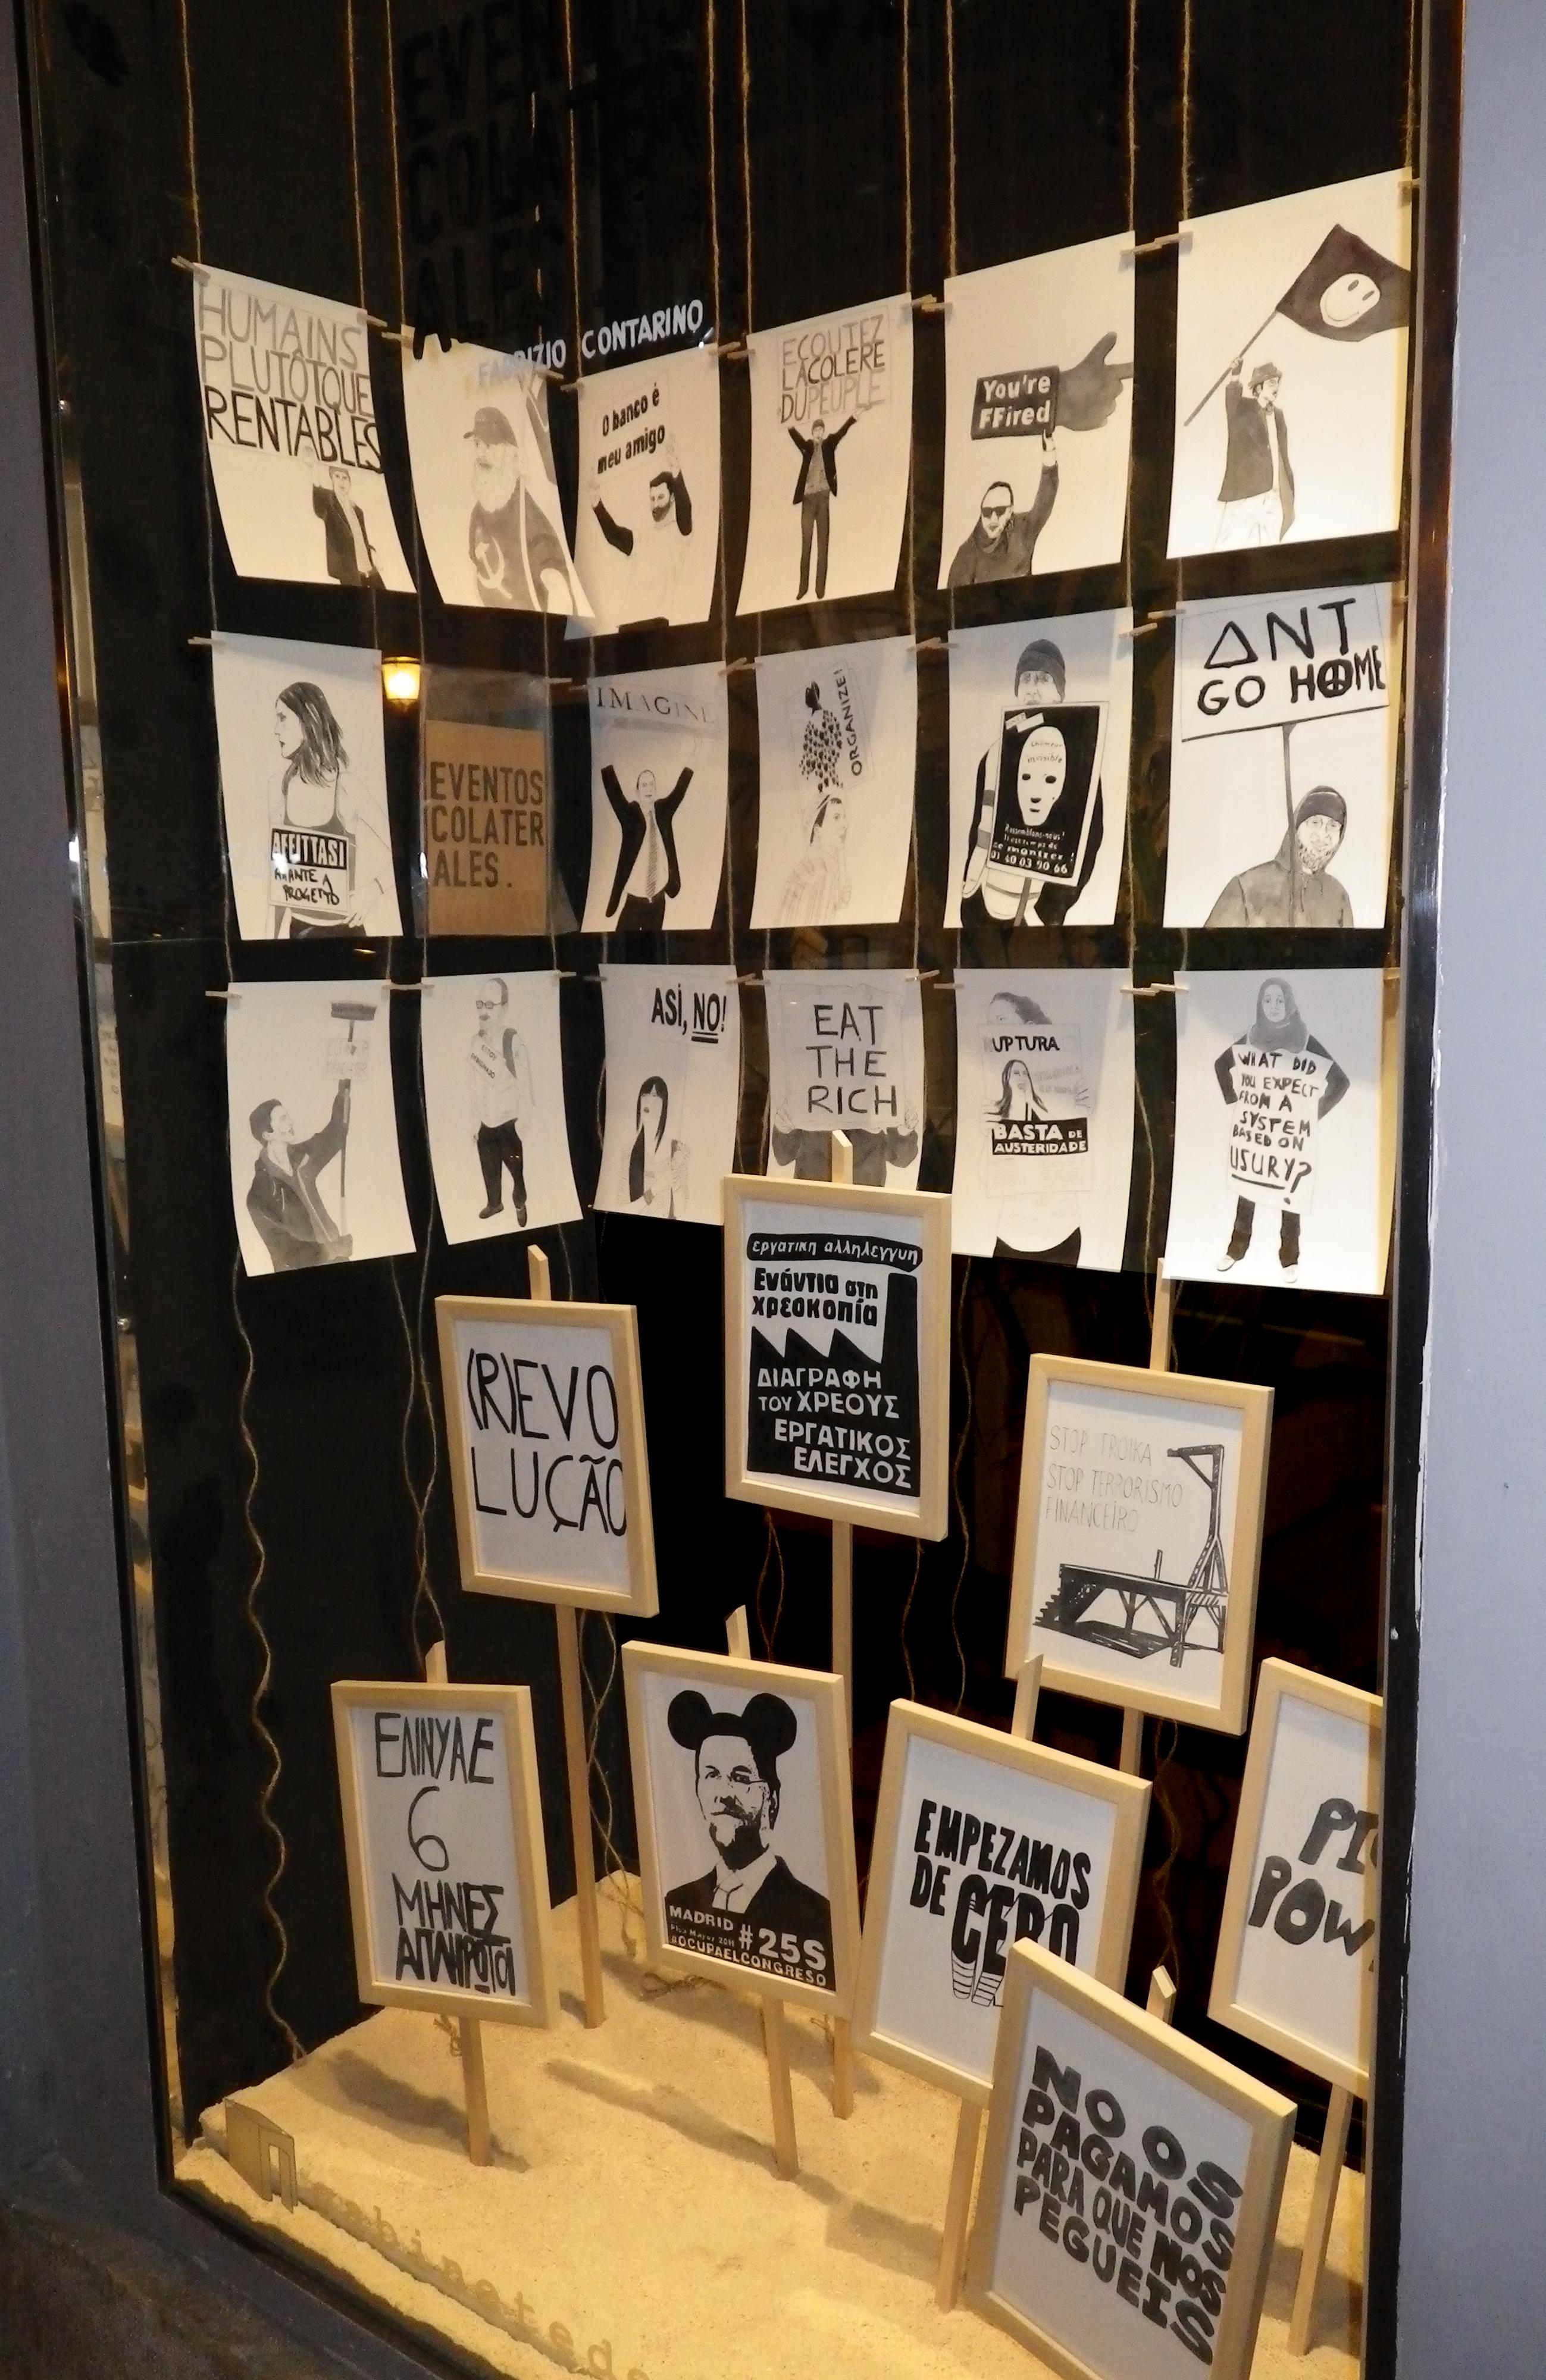 EVENTOS COLATERALES de Fabrizio Contarino en el Gabinete de dibujos